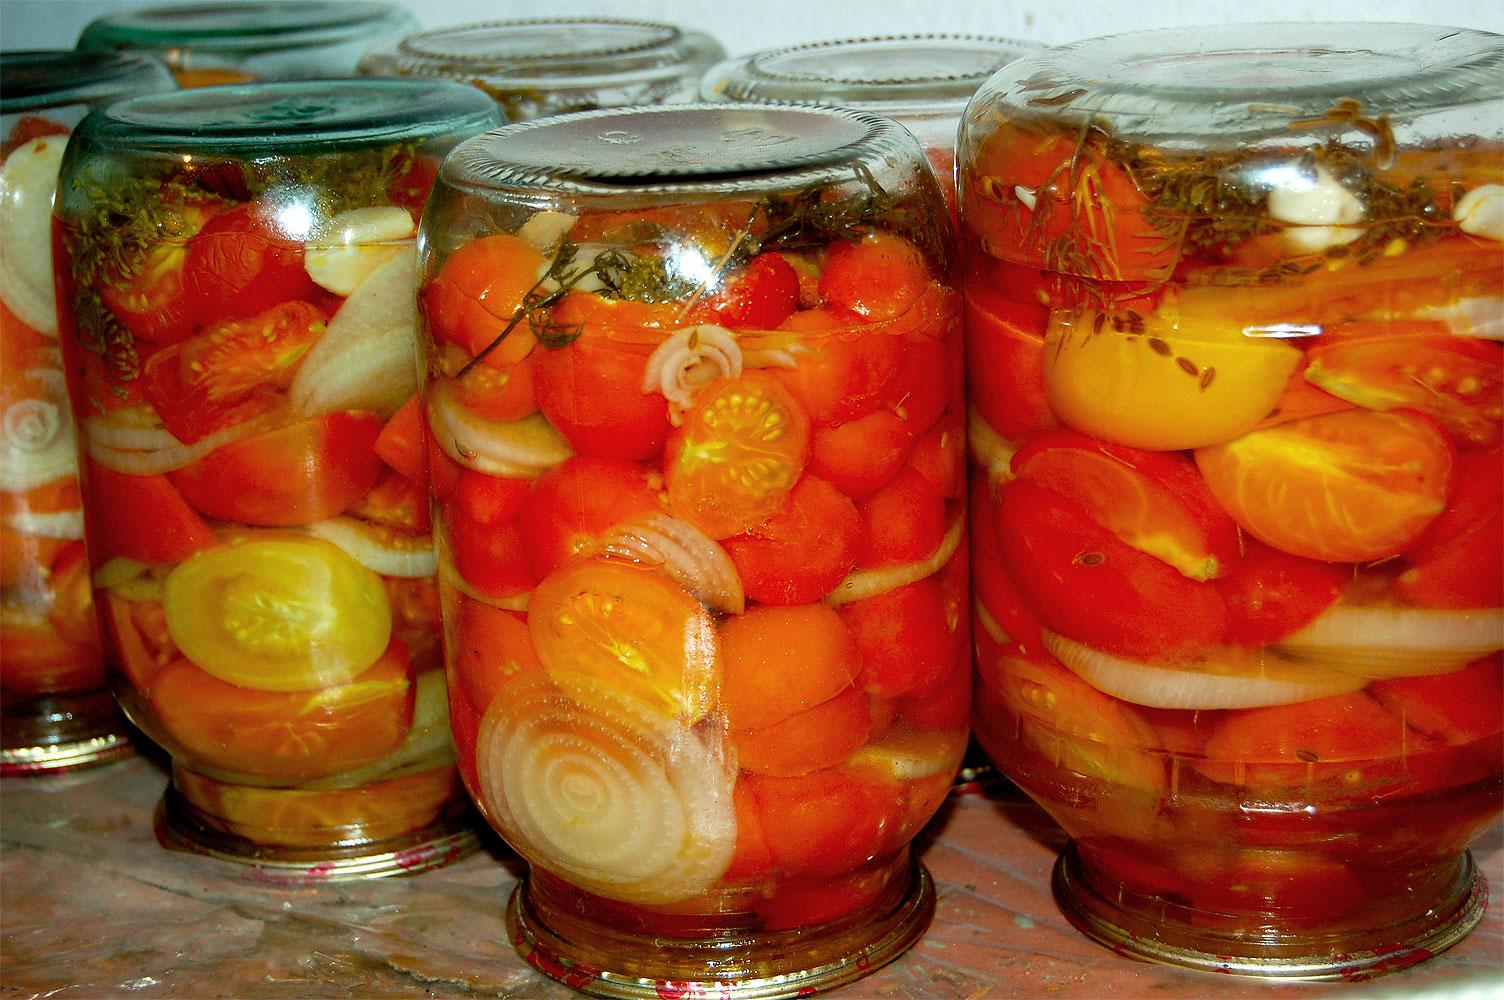 консервируем помидоры на зиму рецепты с фото определению является